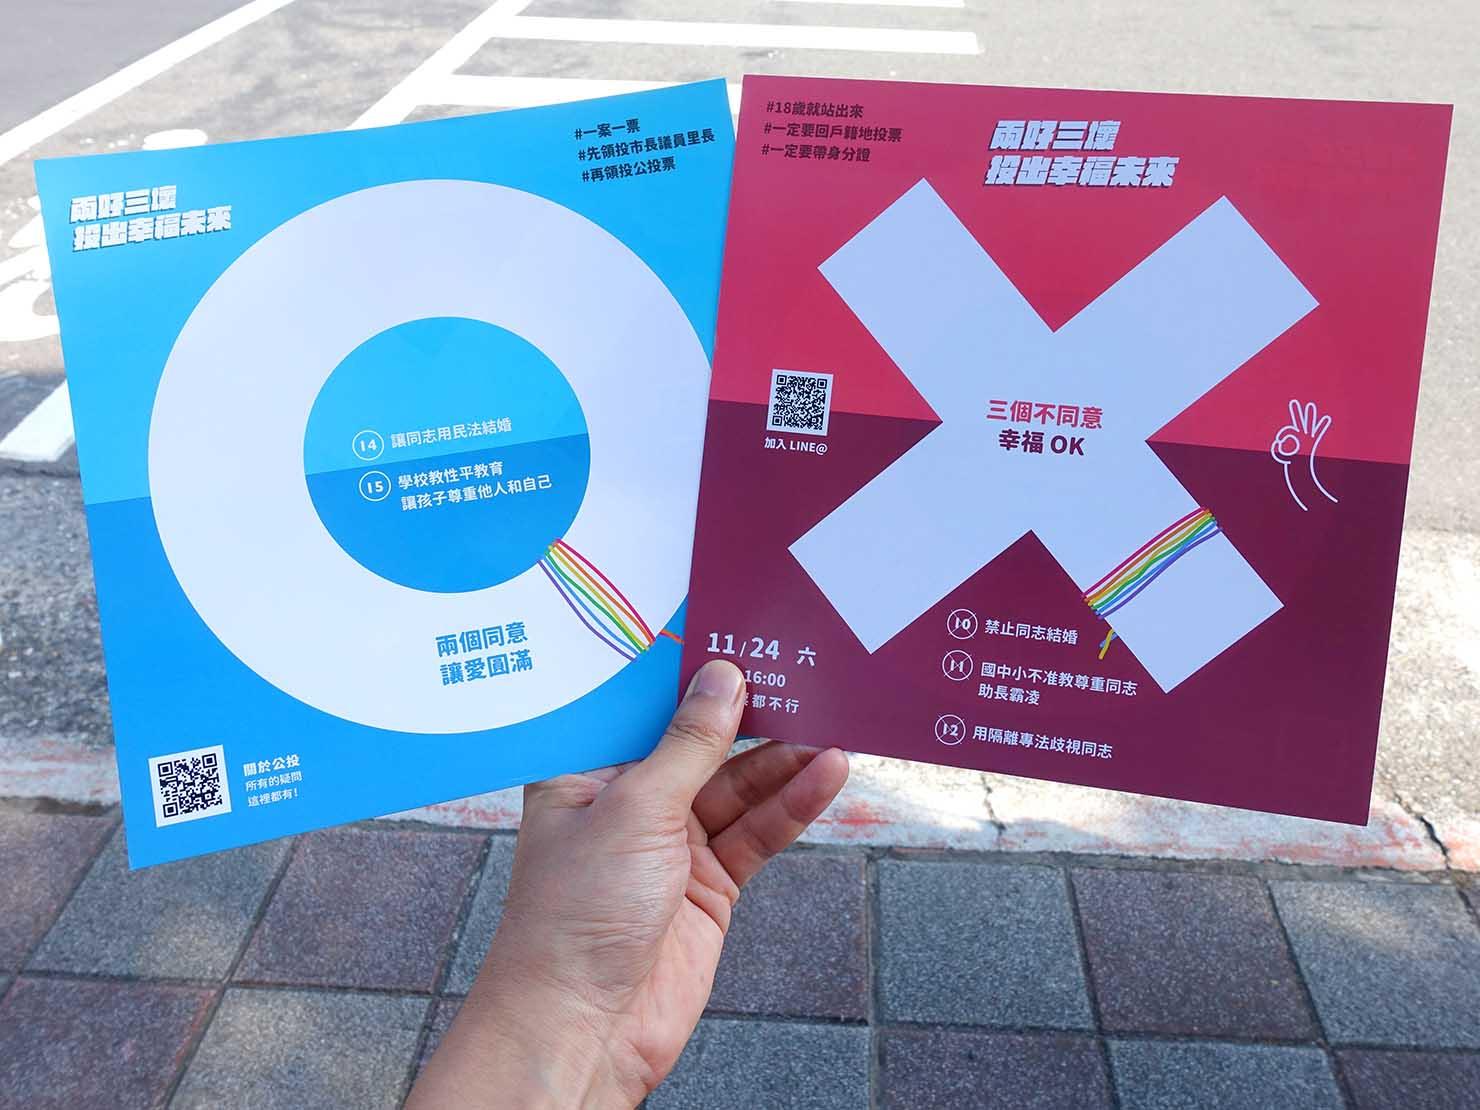 台湾のLGBT音楽イベント『為愛返家音樂會』で配布されたマルバツカード